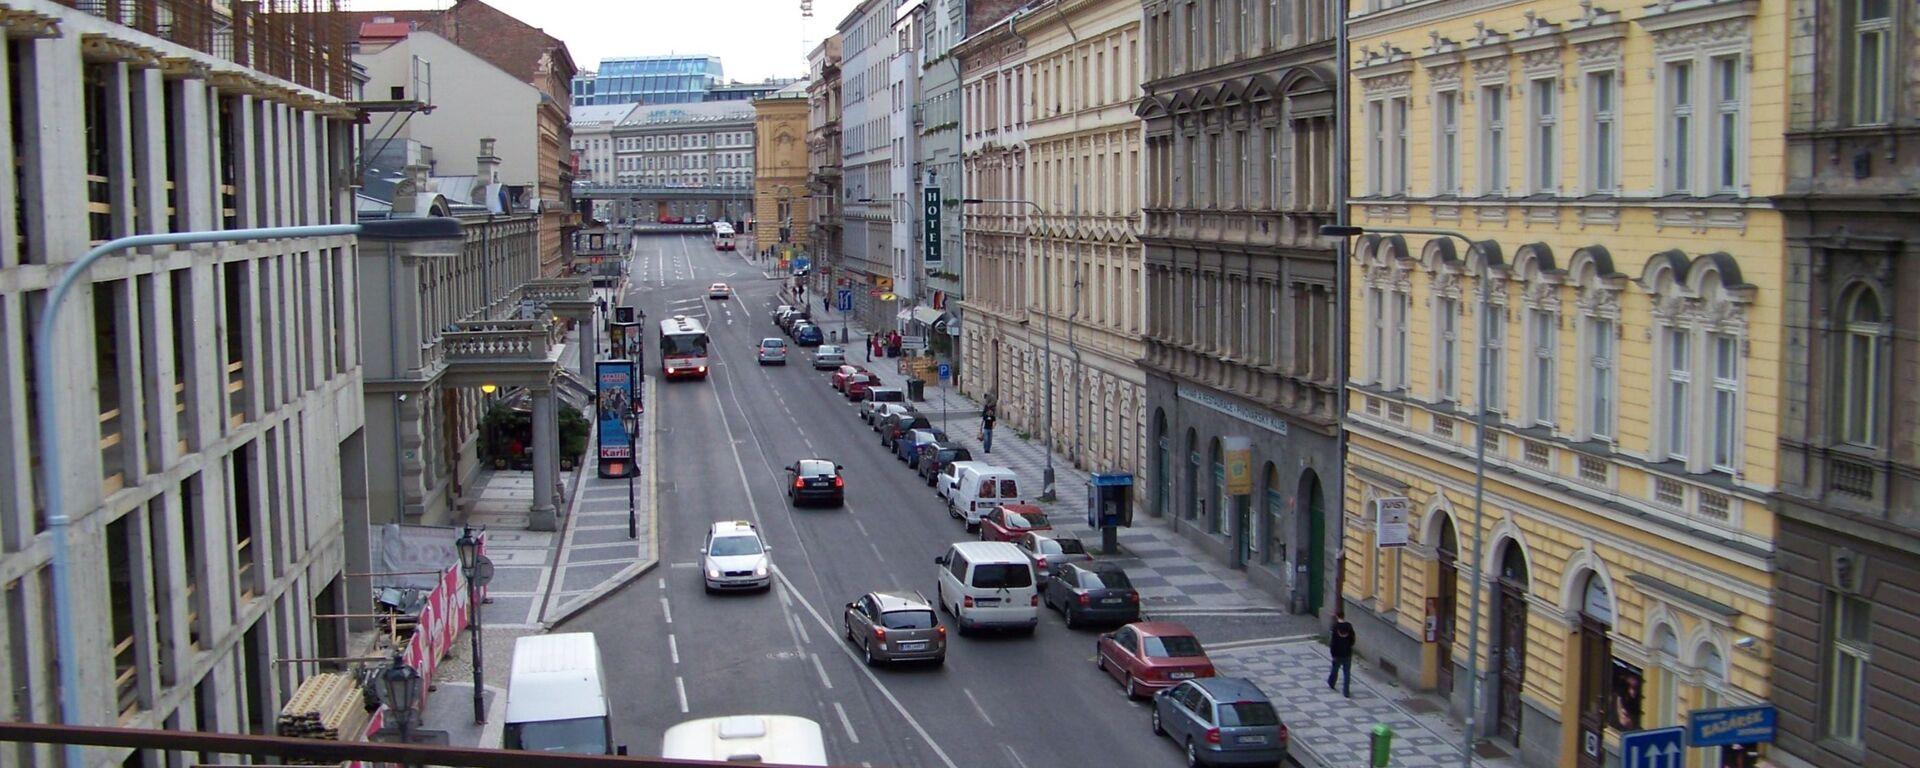 Ulice Křižíkova v Praze  - Sputnik Česká republika, 1920, 07.07.2021